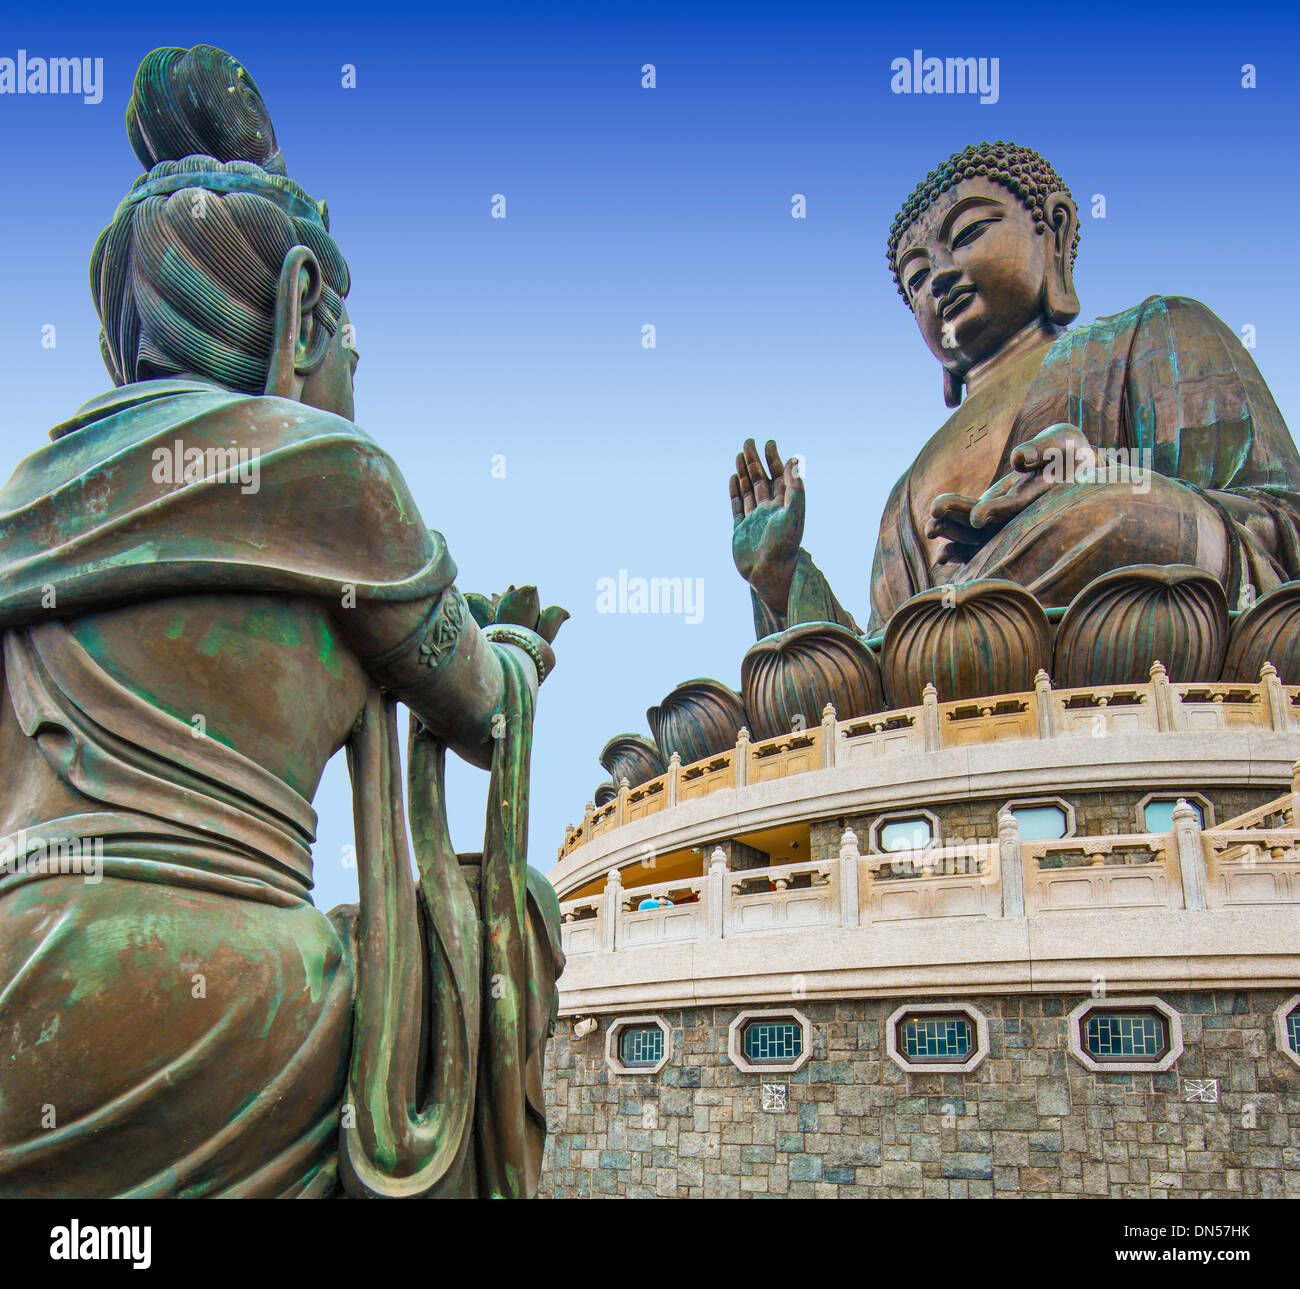 Big Buddha di Lantau Island in Hong Kong, Cina. Immagini Stock